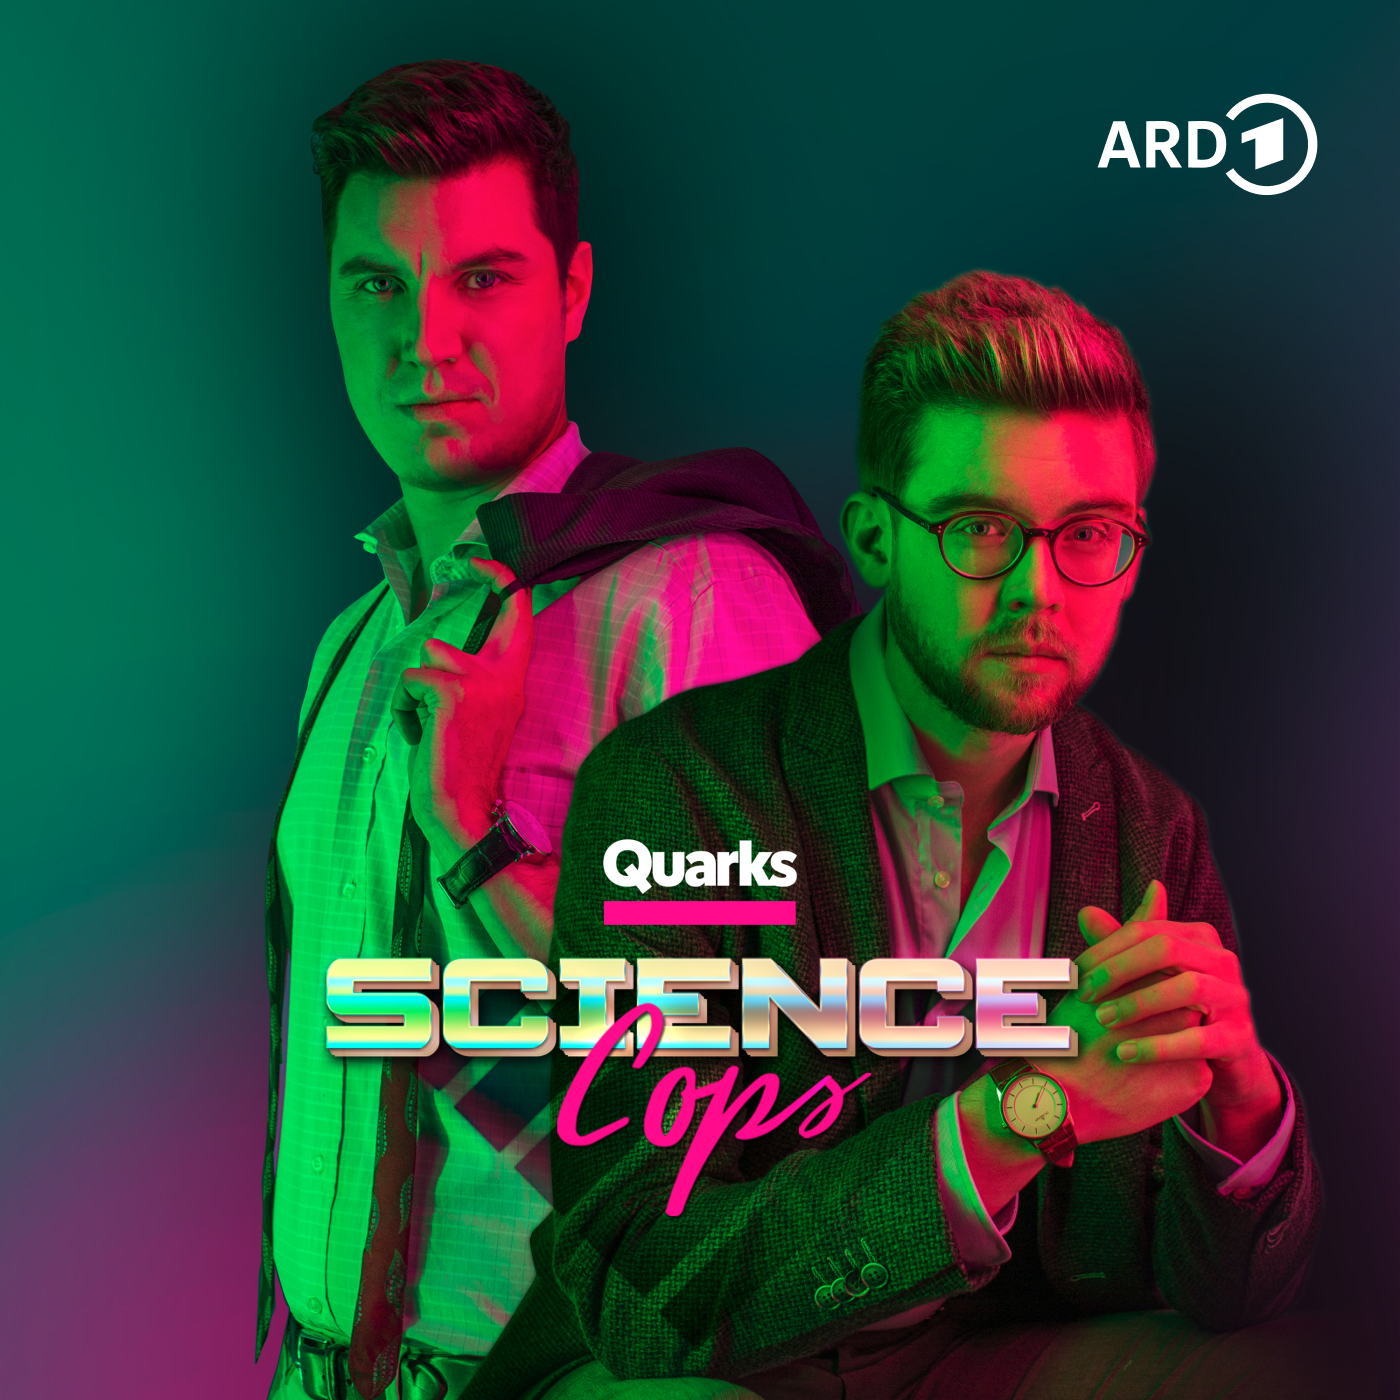 Die Quarks Science-Cops